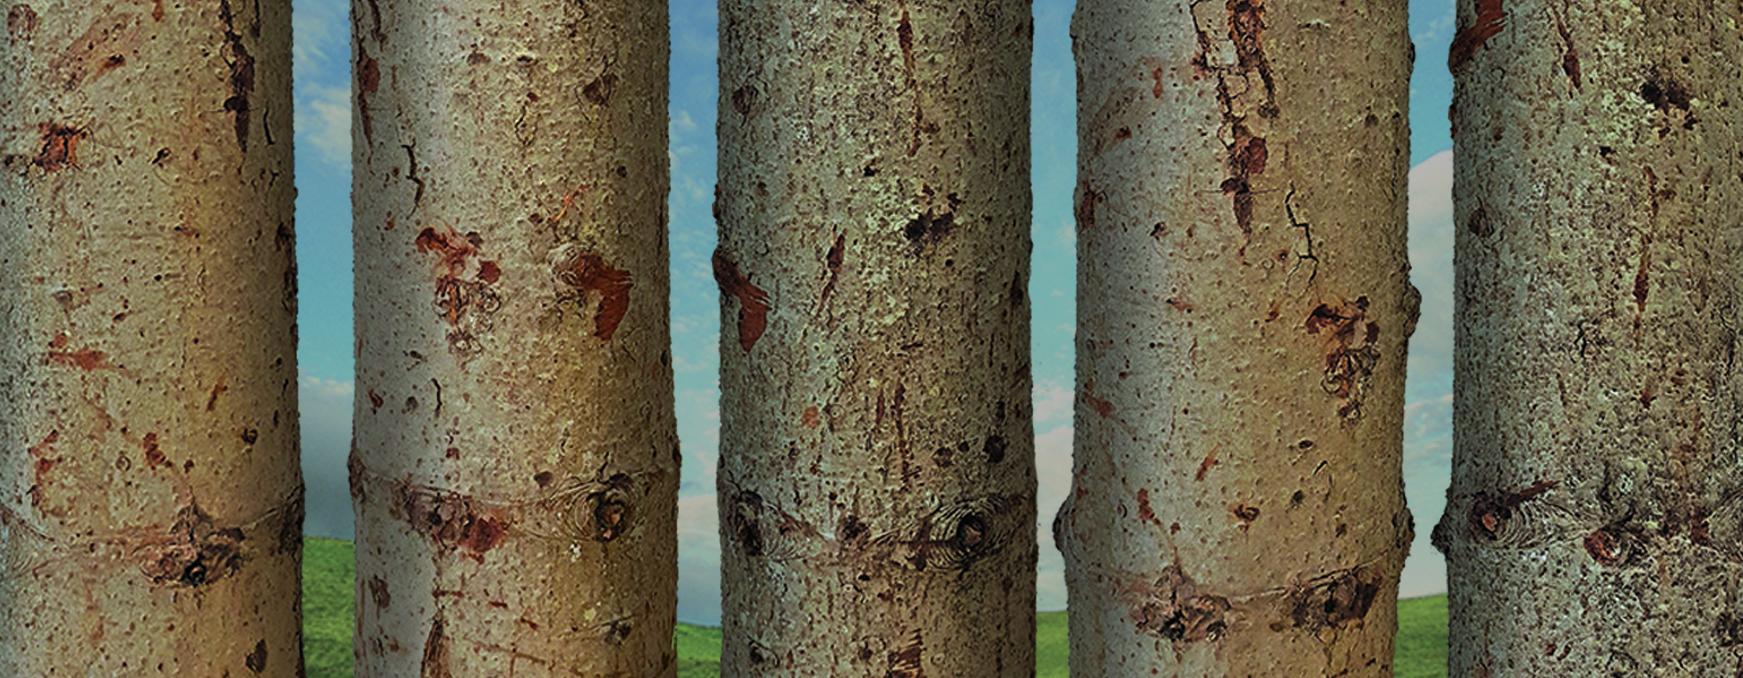 eur-silver-fir-trunk.jpg